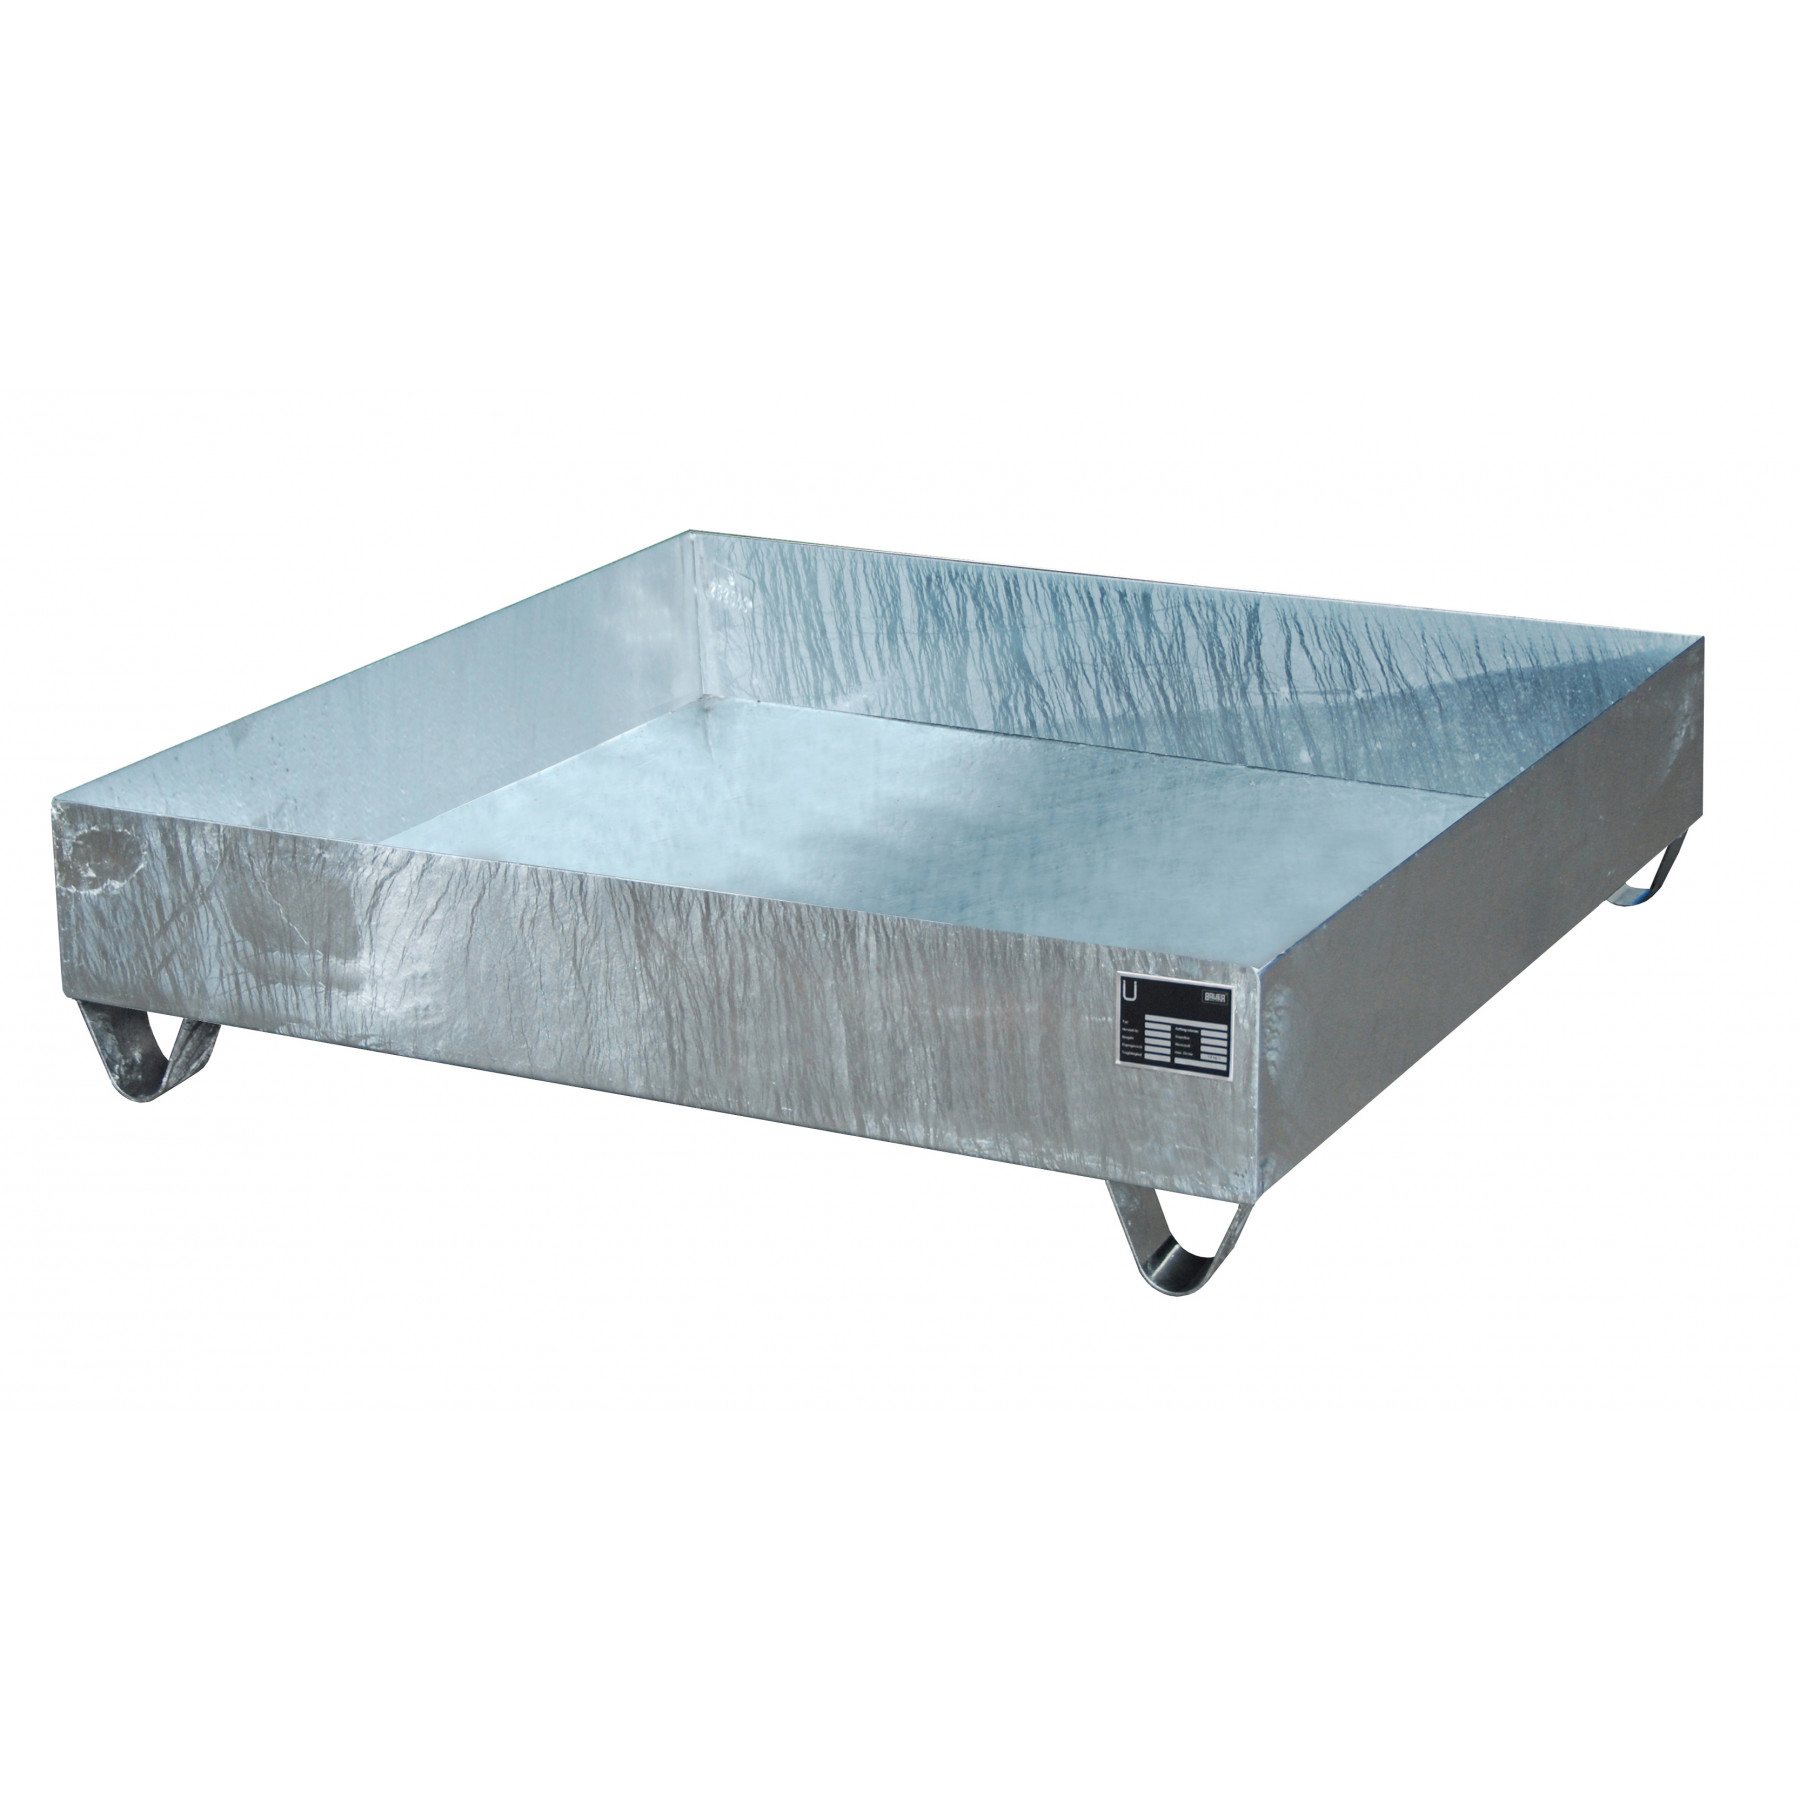 Vloeistofopvangbak voor 4 x 200 liter vat, 70049-2031